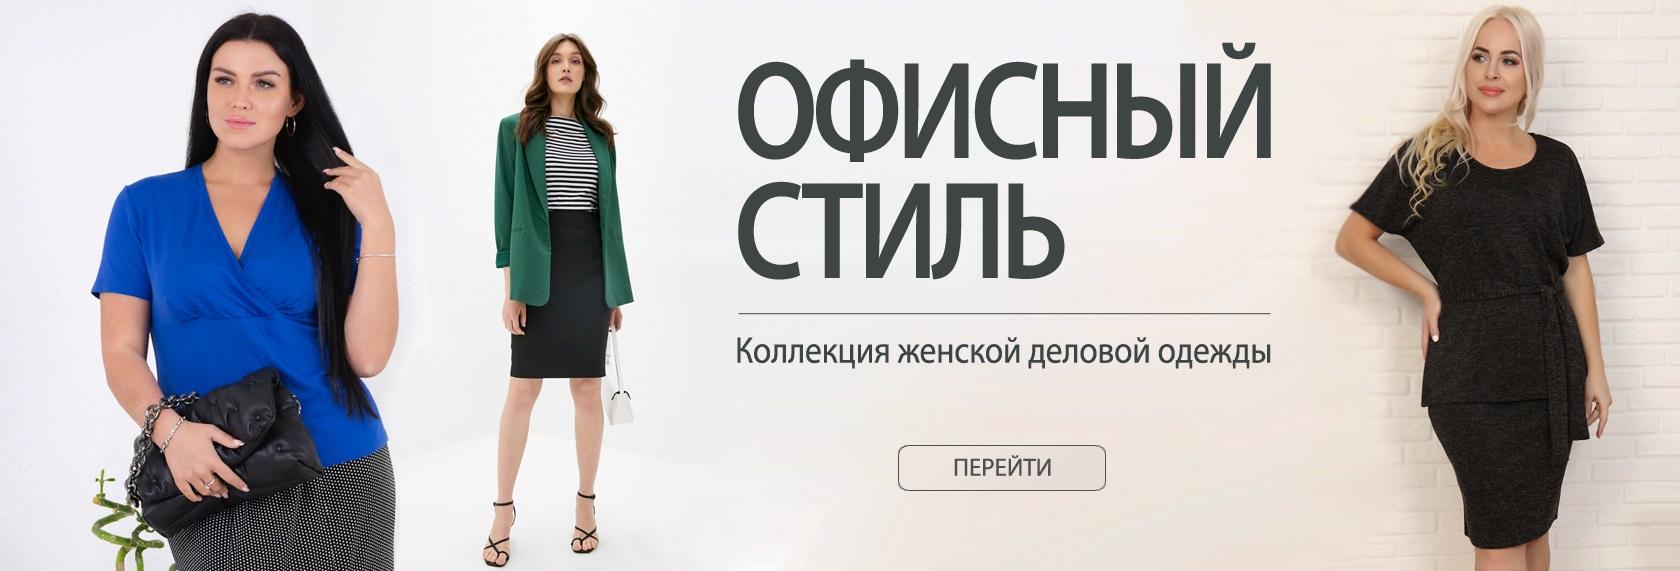 Коллекция женской одежды для офиса